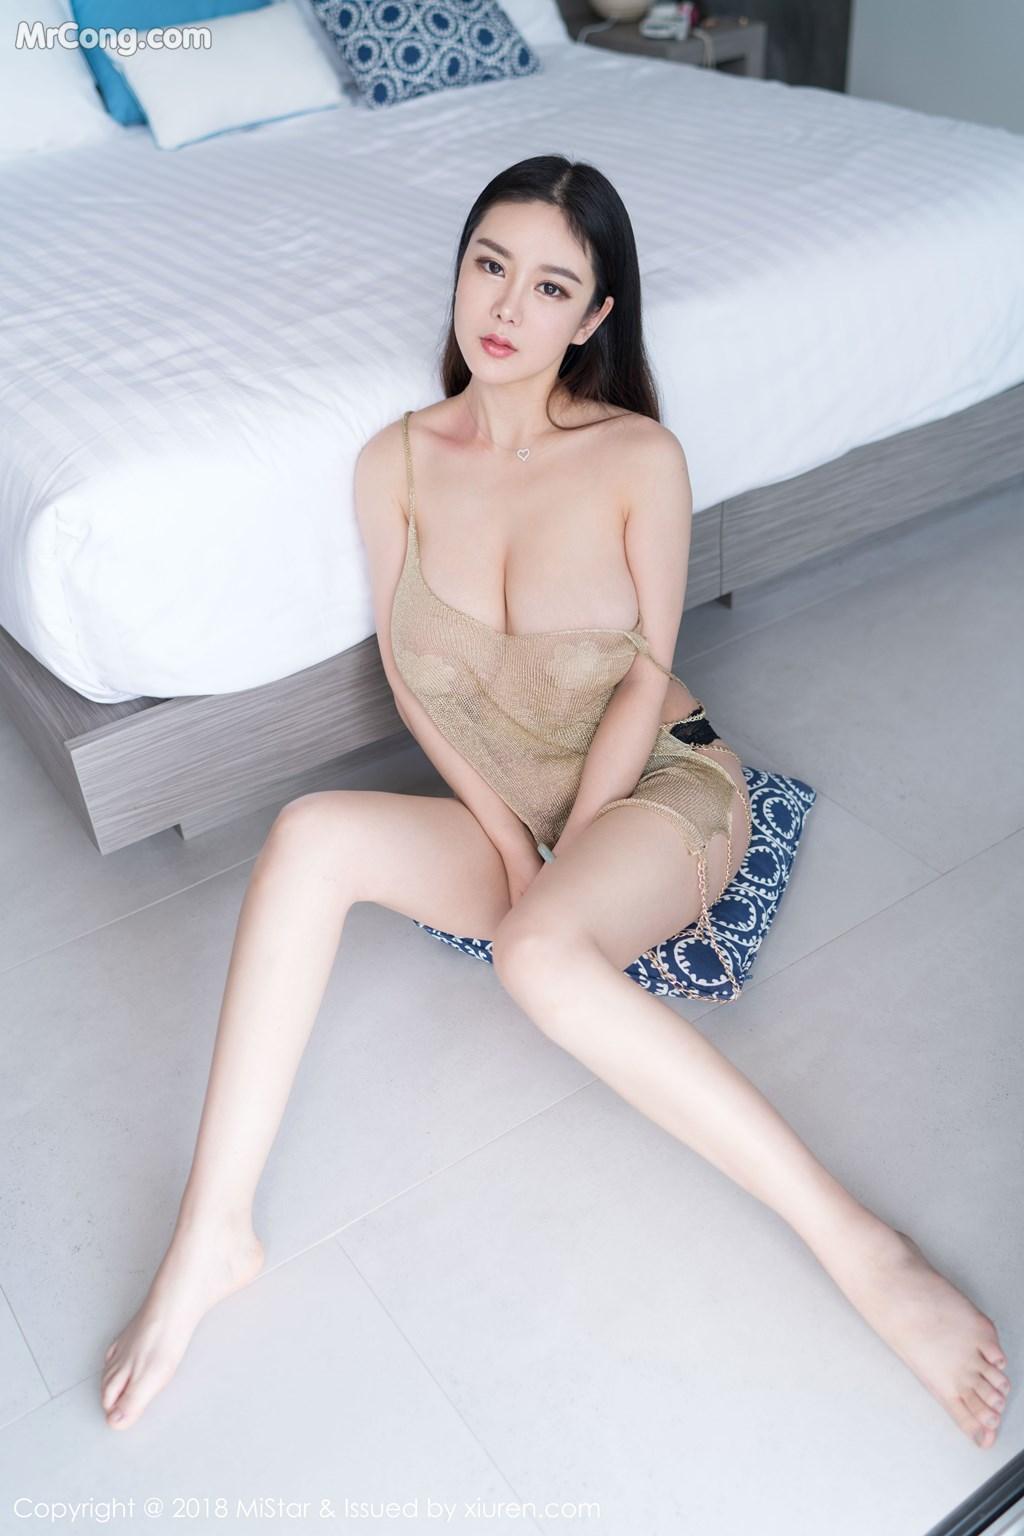 Image MiStar-Vol.224-Silvia-MrCong.com-004 in post MiStar Vol.224: Người mẫu 易阳Silvia (36 ảnh)